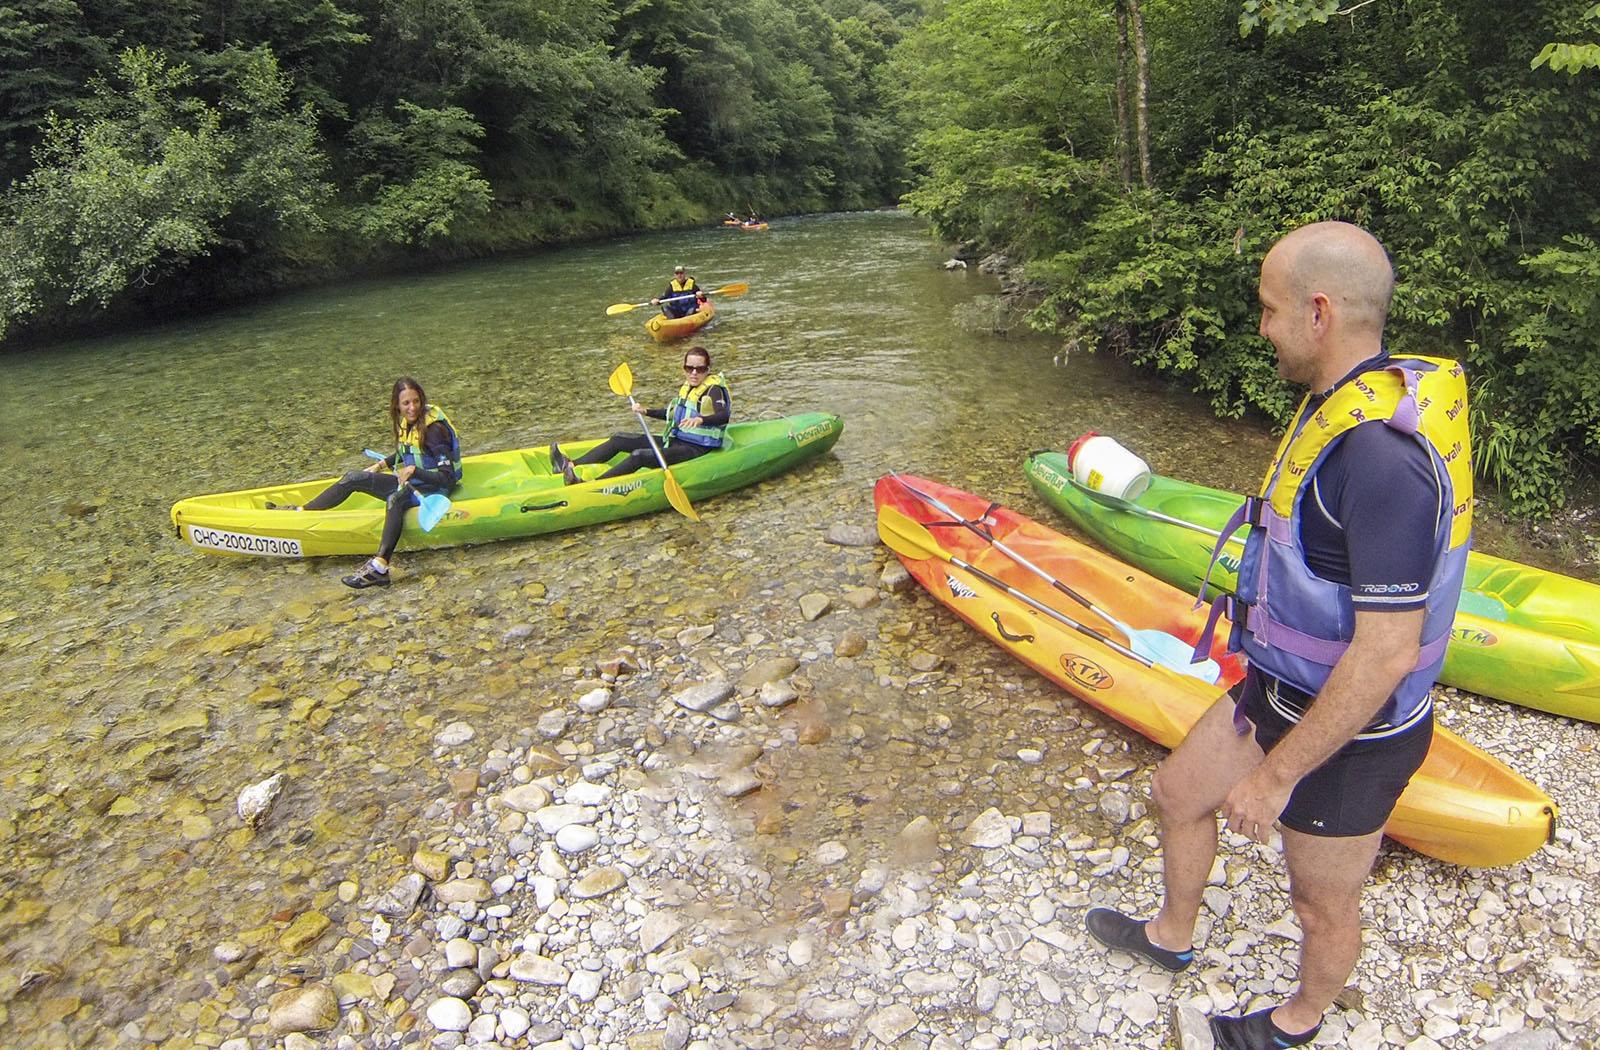 Canoas en el río